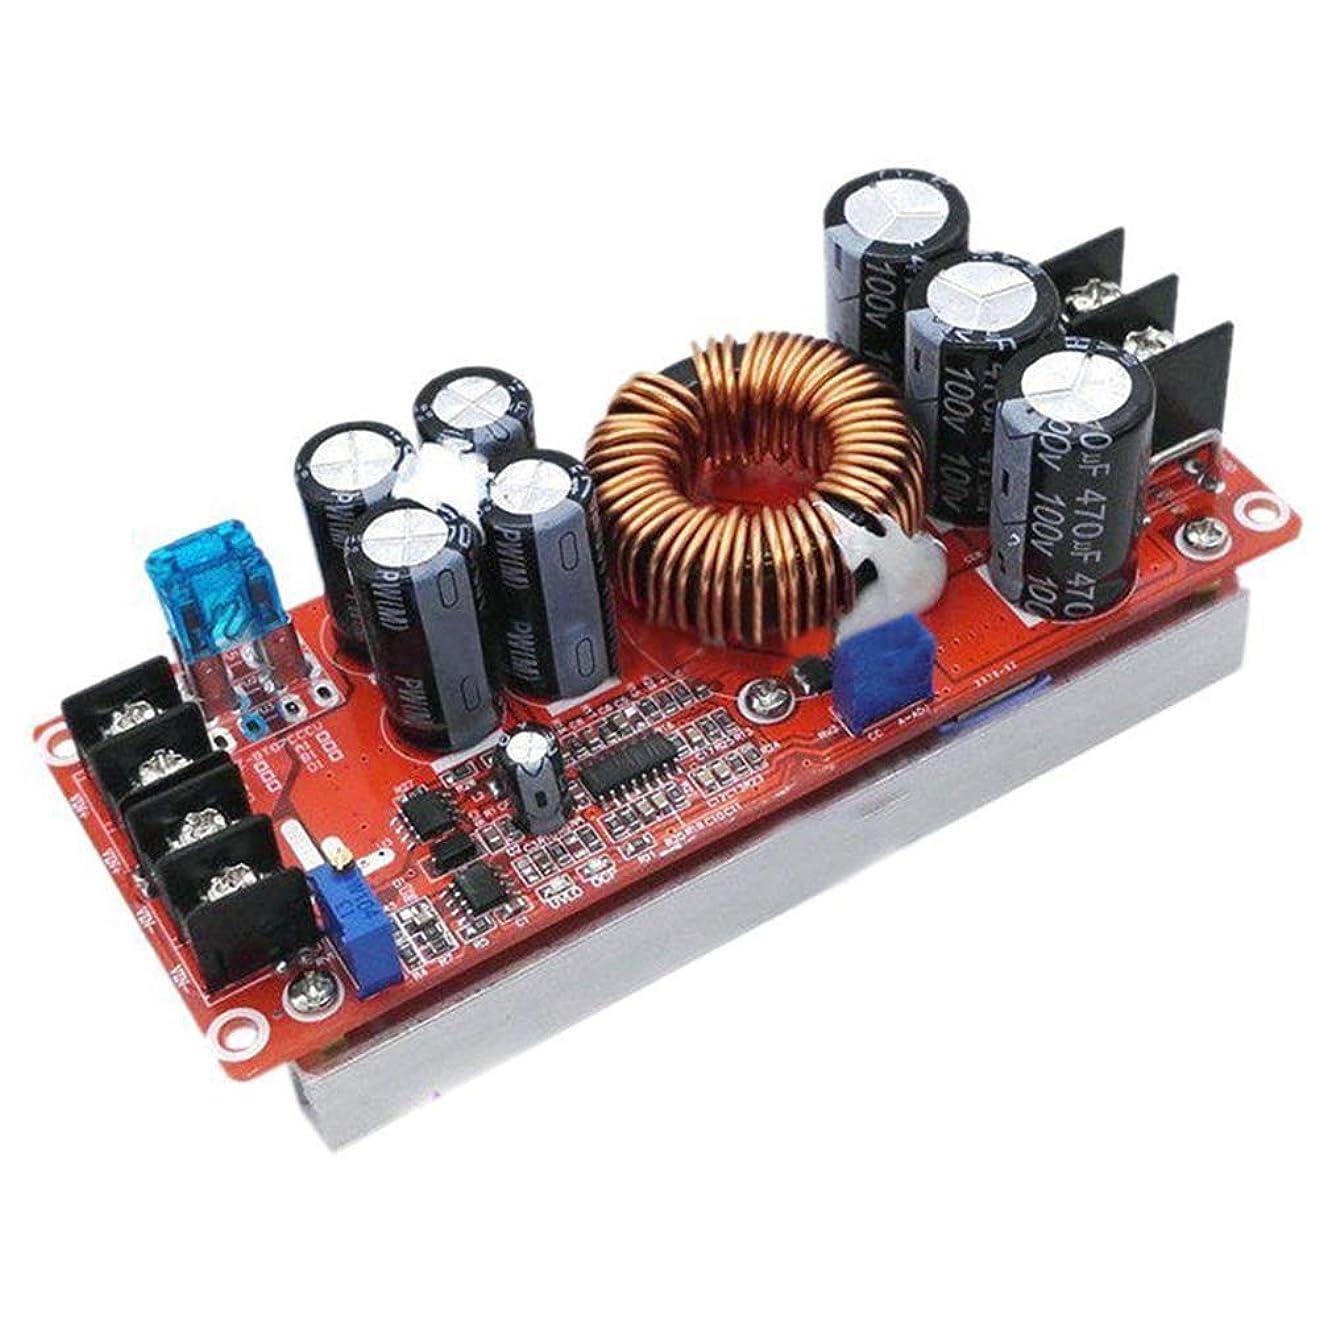 巡礼者氷粘着性ACHICOO 1200W 20A DCコンバータブースト 車昇圧電源 モジュール 8-60Vから12-83V